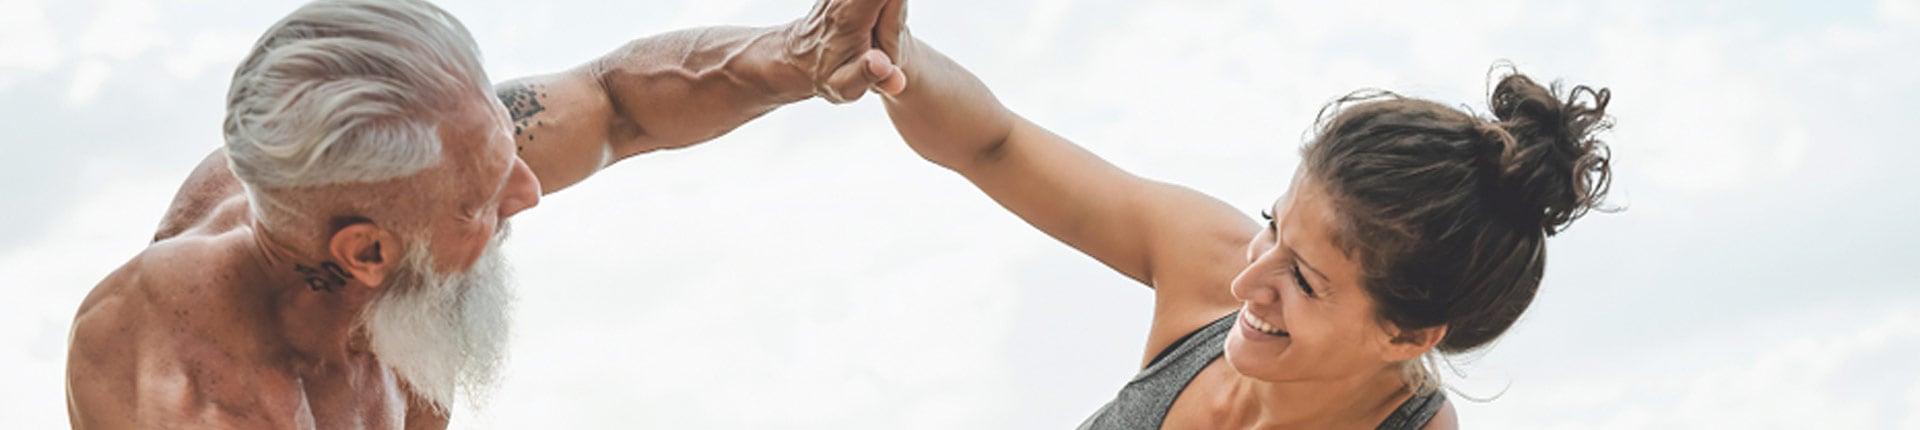 Spożywanie większej ilości białka pomaga zmniejszyć ryzyko spadku sił u osób starszych